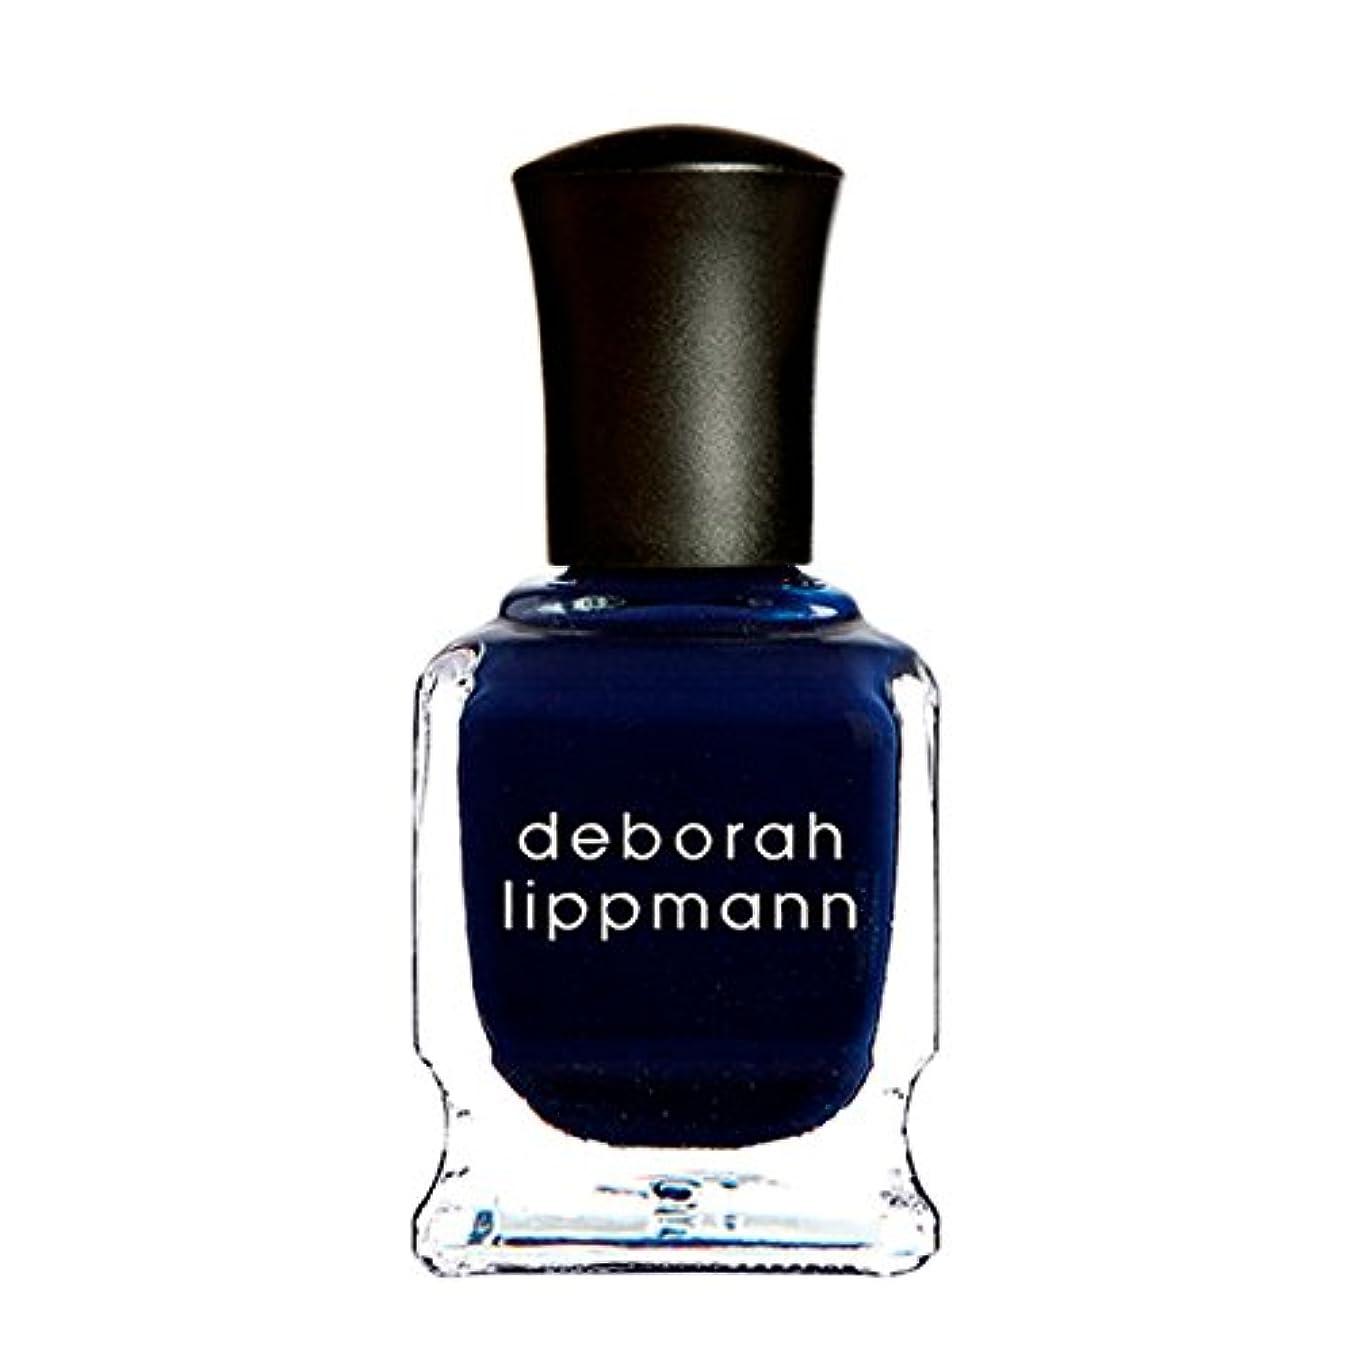 細部連続した嘆く[Deborah Lippmann] [ デボラリップマン] ローリングインザディープ (Rolling in the Deep) 色:ミッドナイトブルー ネイルカラー系統:ブルー 15mL